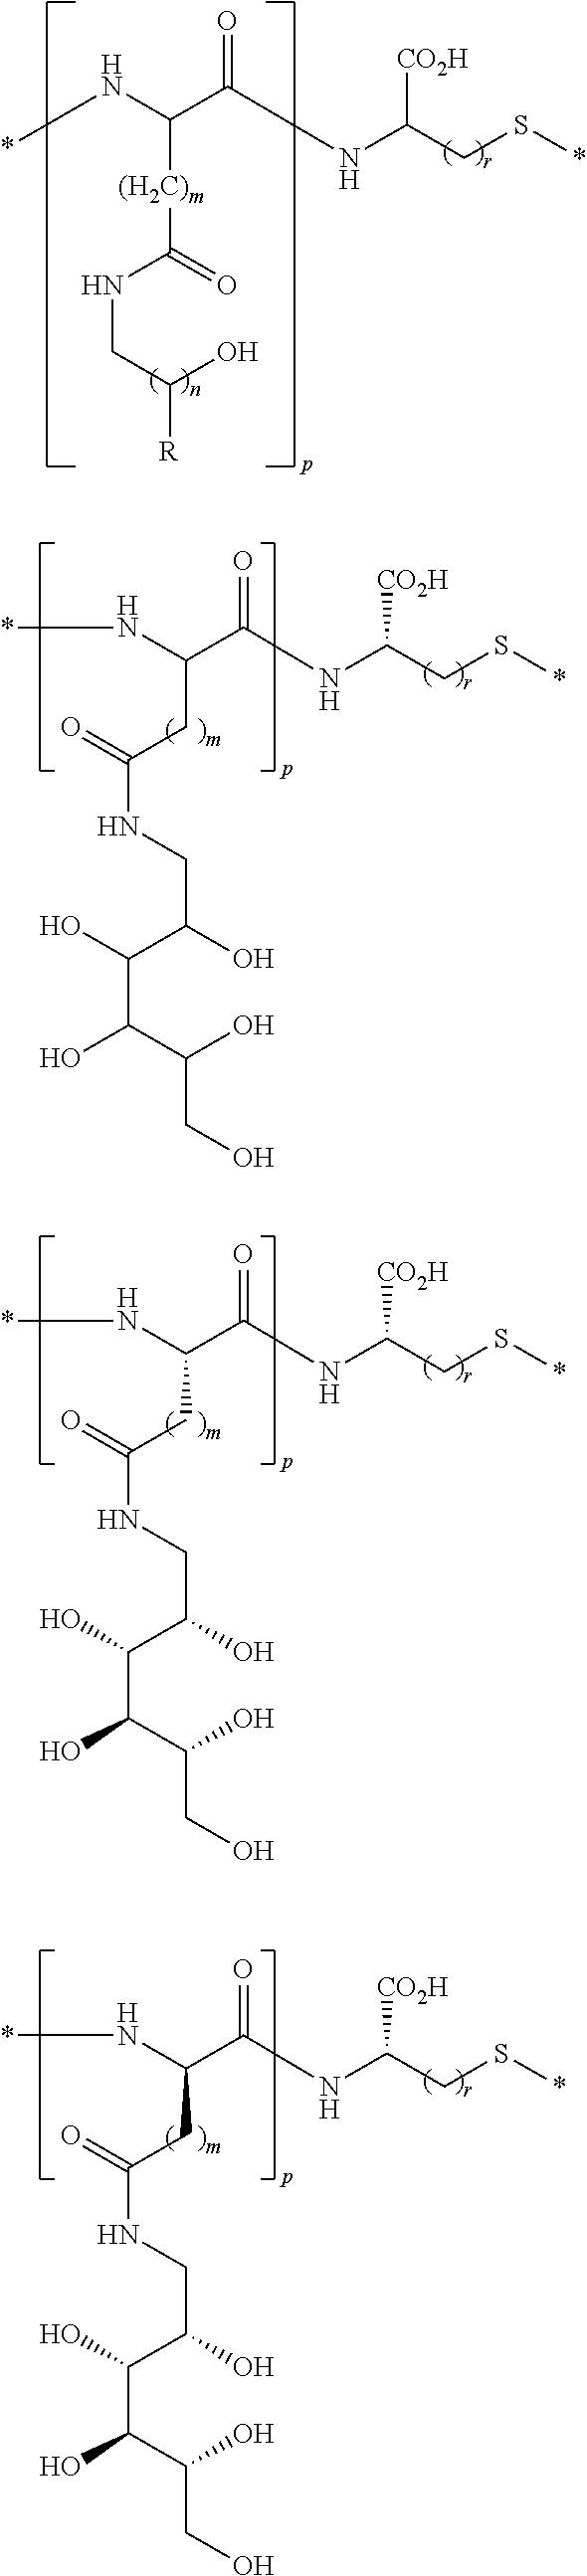 Figure US09662402-20170530-C00050